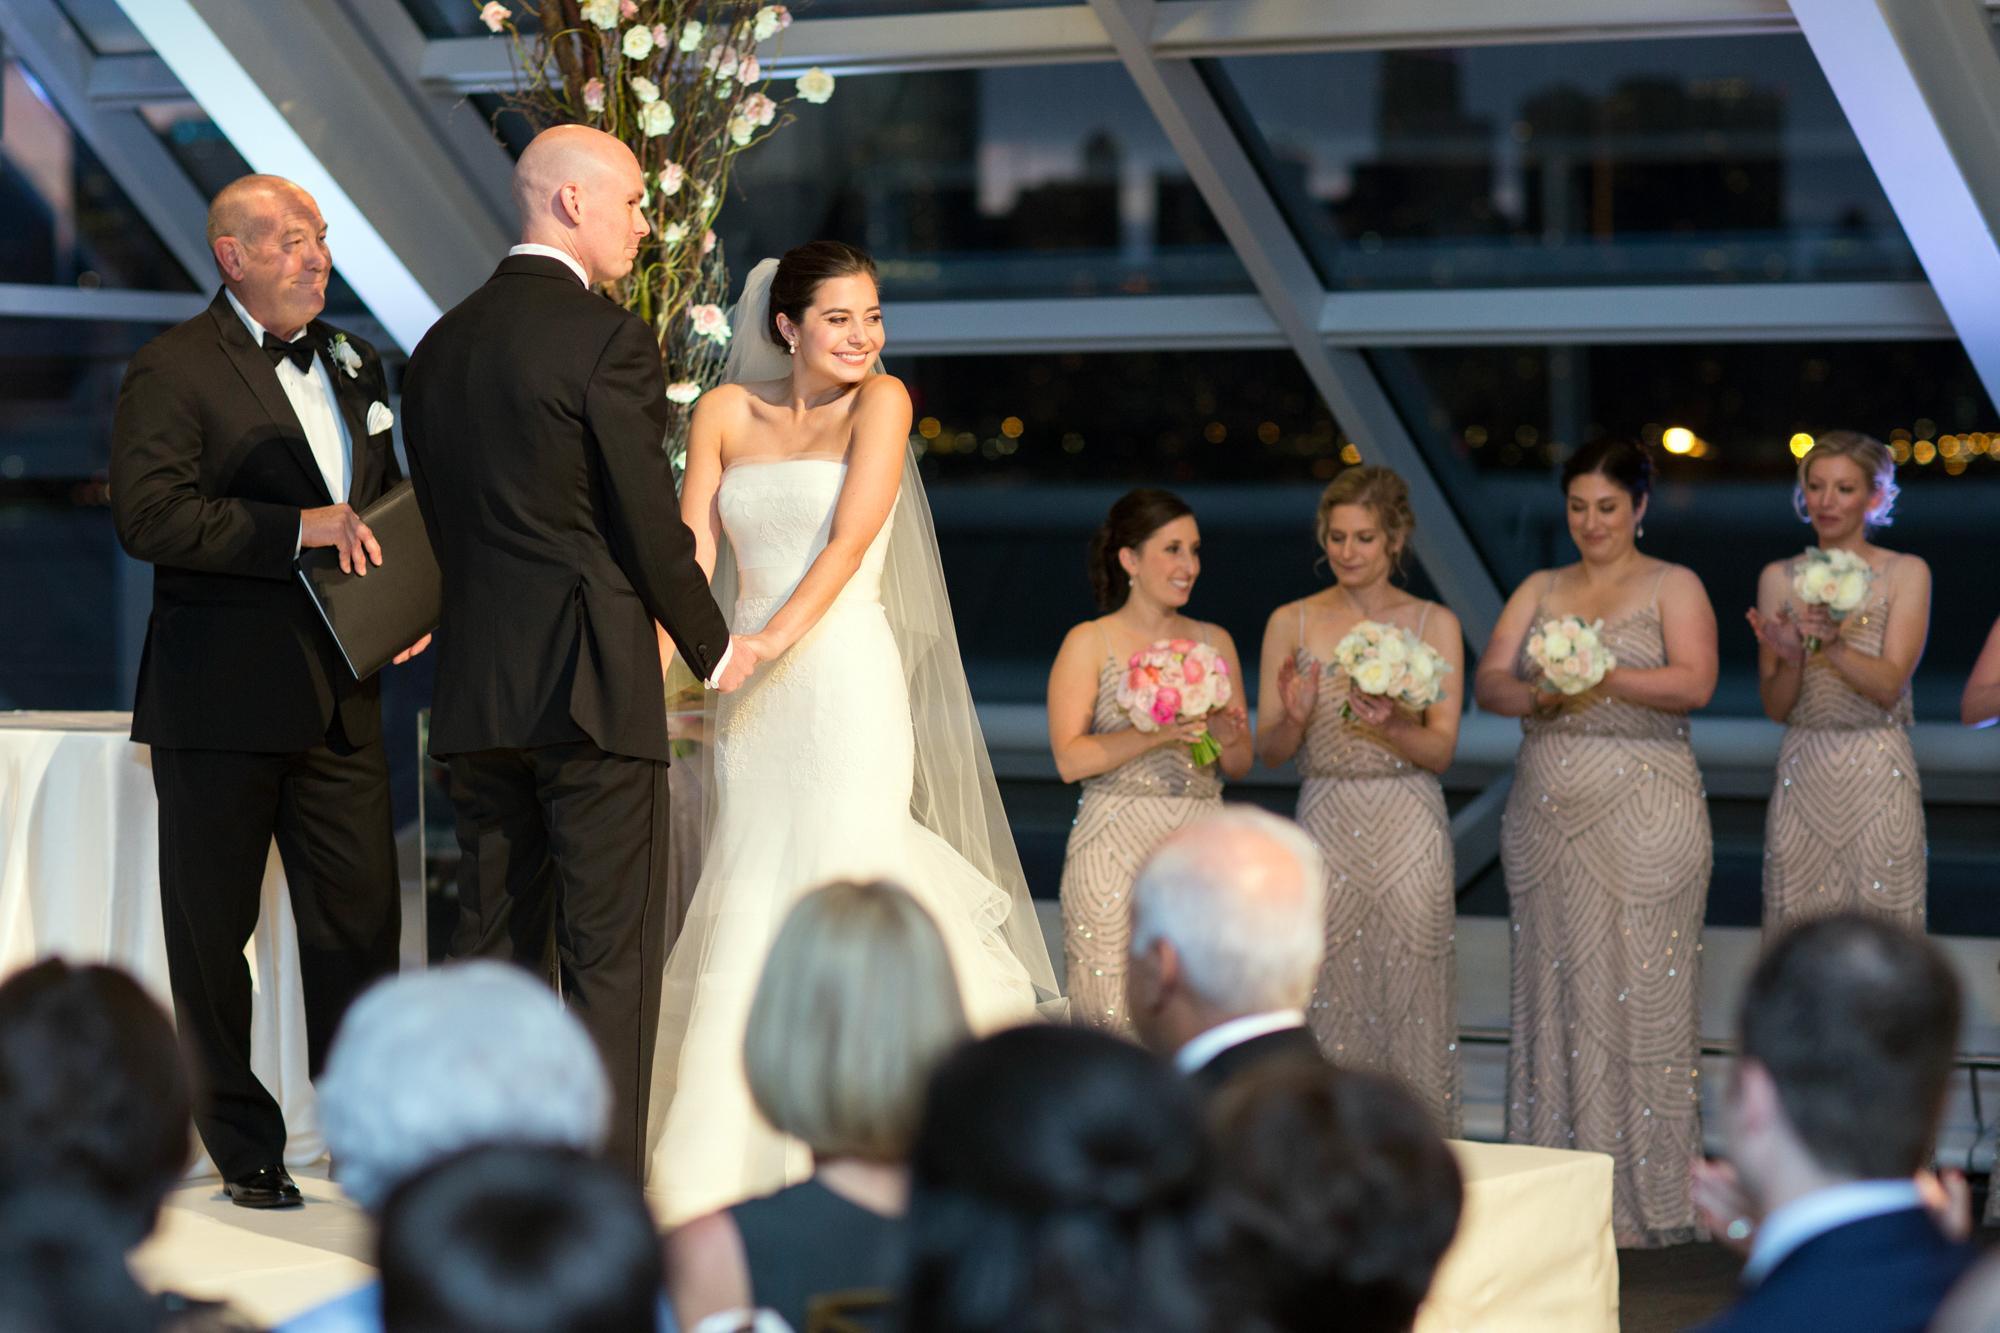 Chicago Autumn wedding at Adler Planetarium.